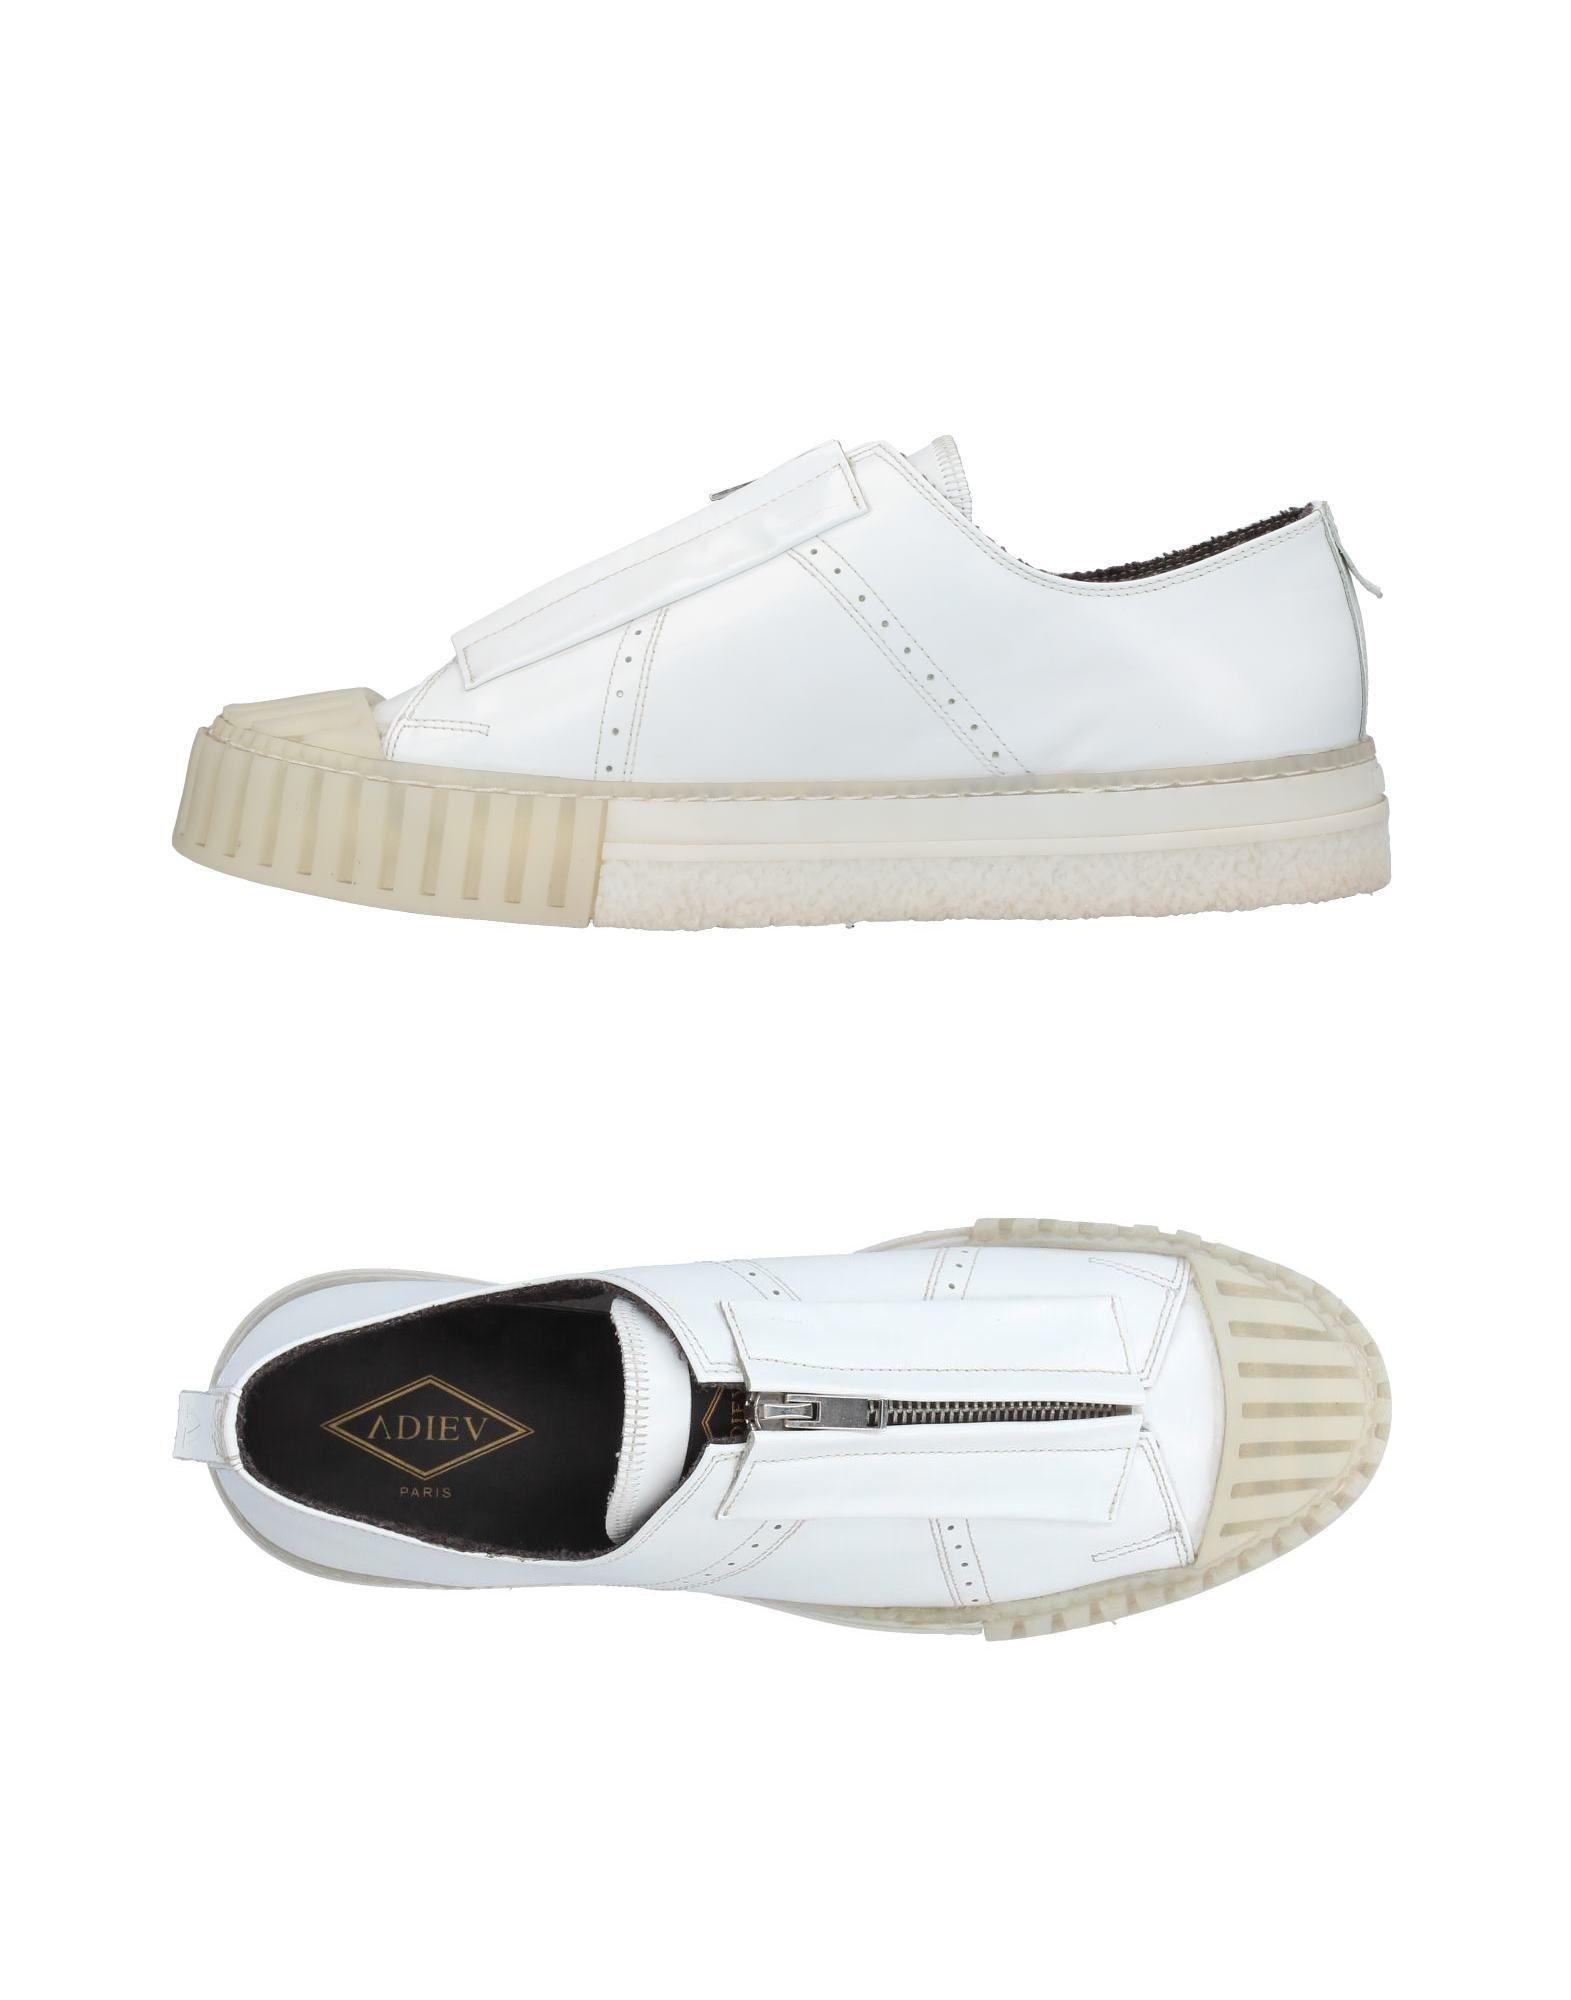 Chaussures - Bas-tops Et Baskets Rve D'un Jour FtFn39R32I